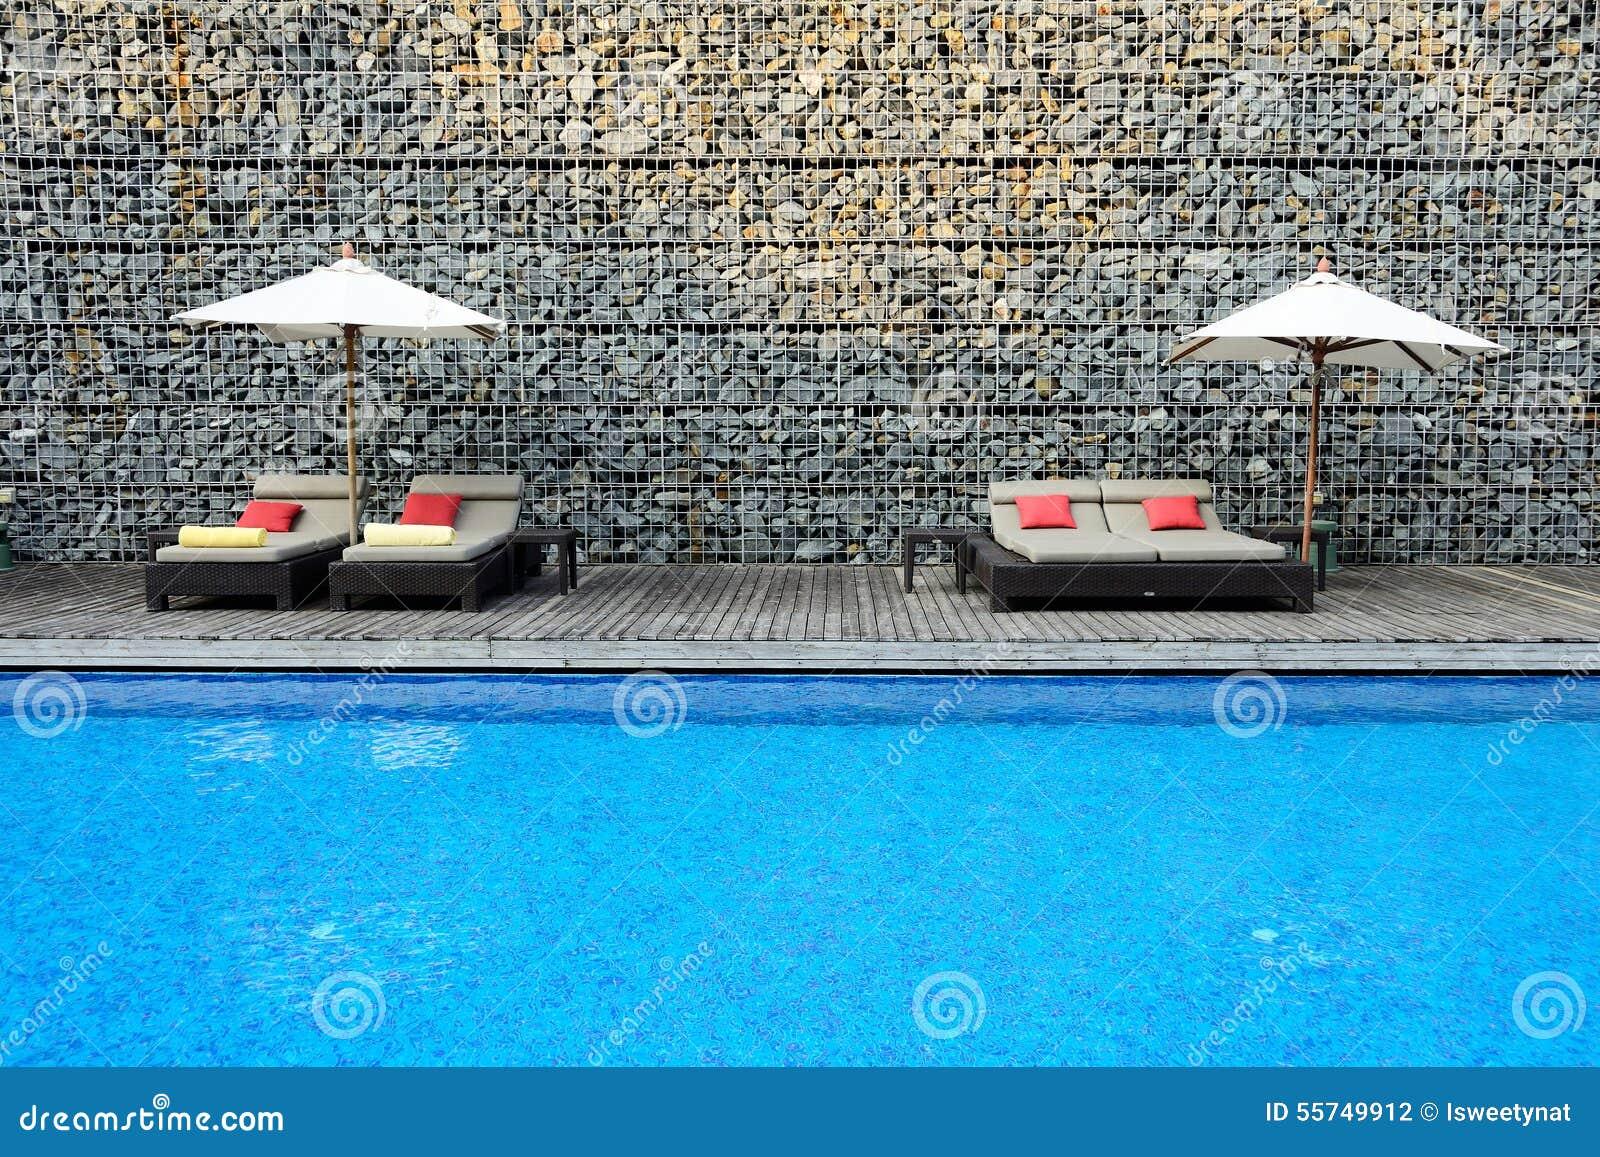 Piscina moderna con la pared de piedra foto de archivo - Lucia la piedra piscina ...